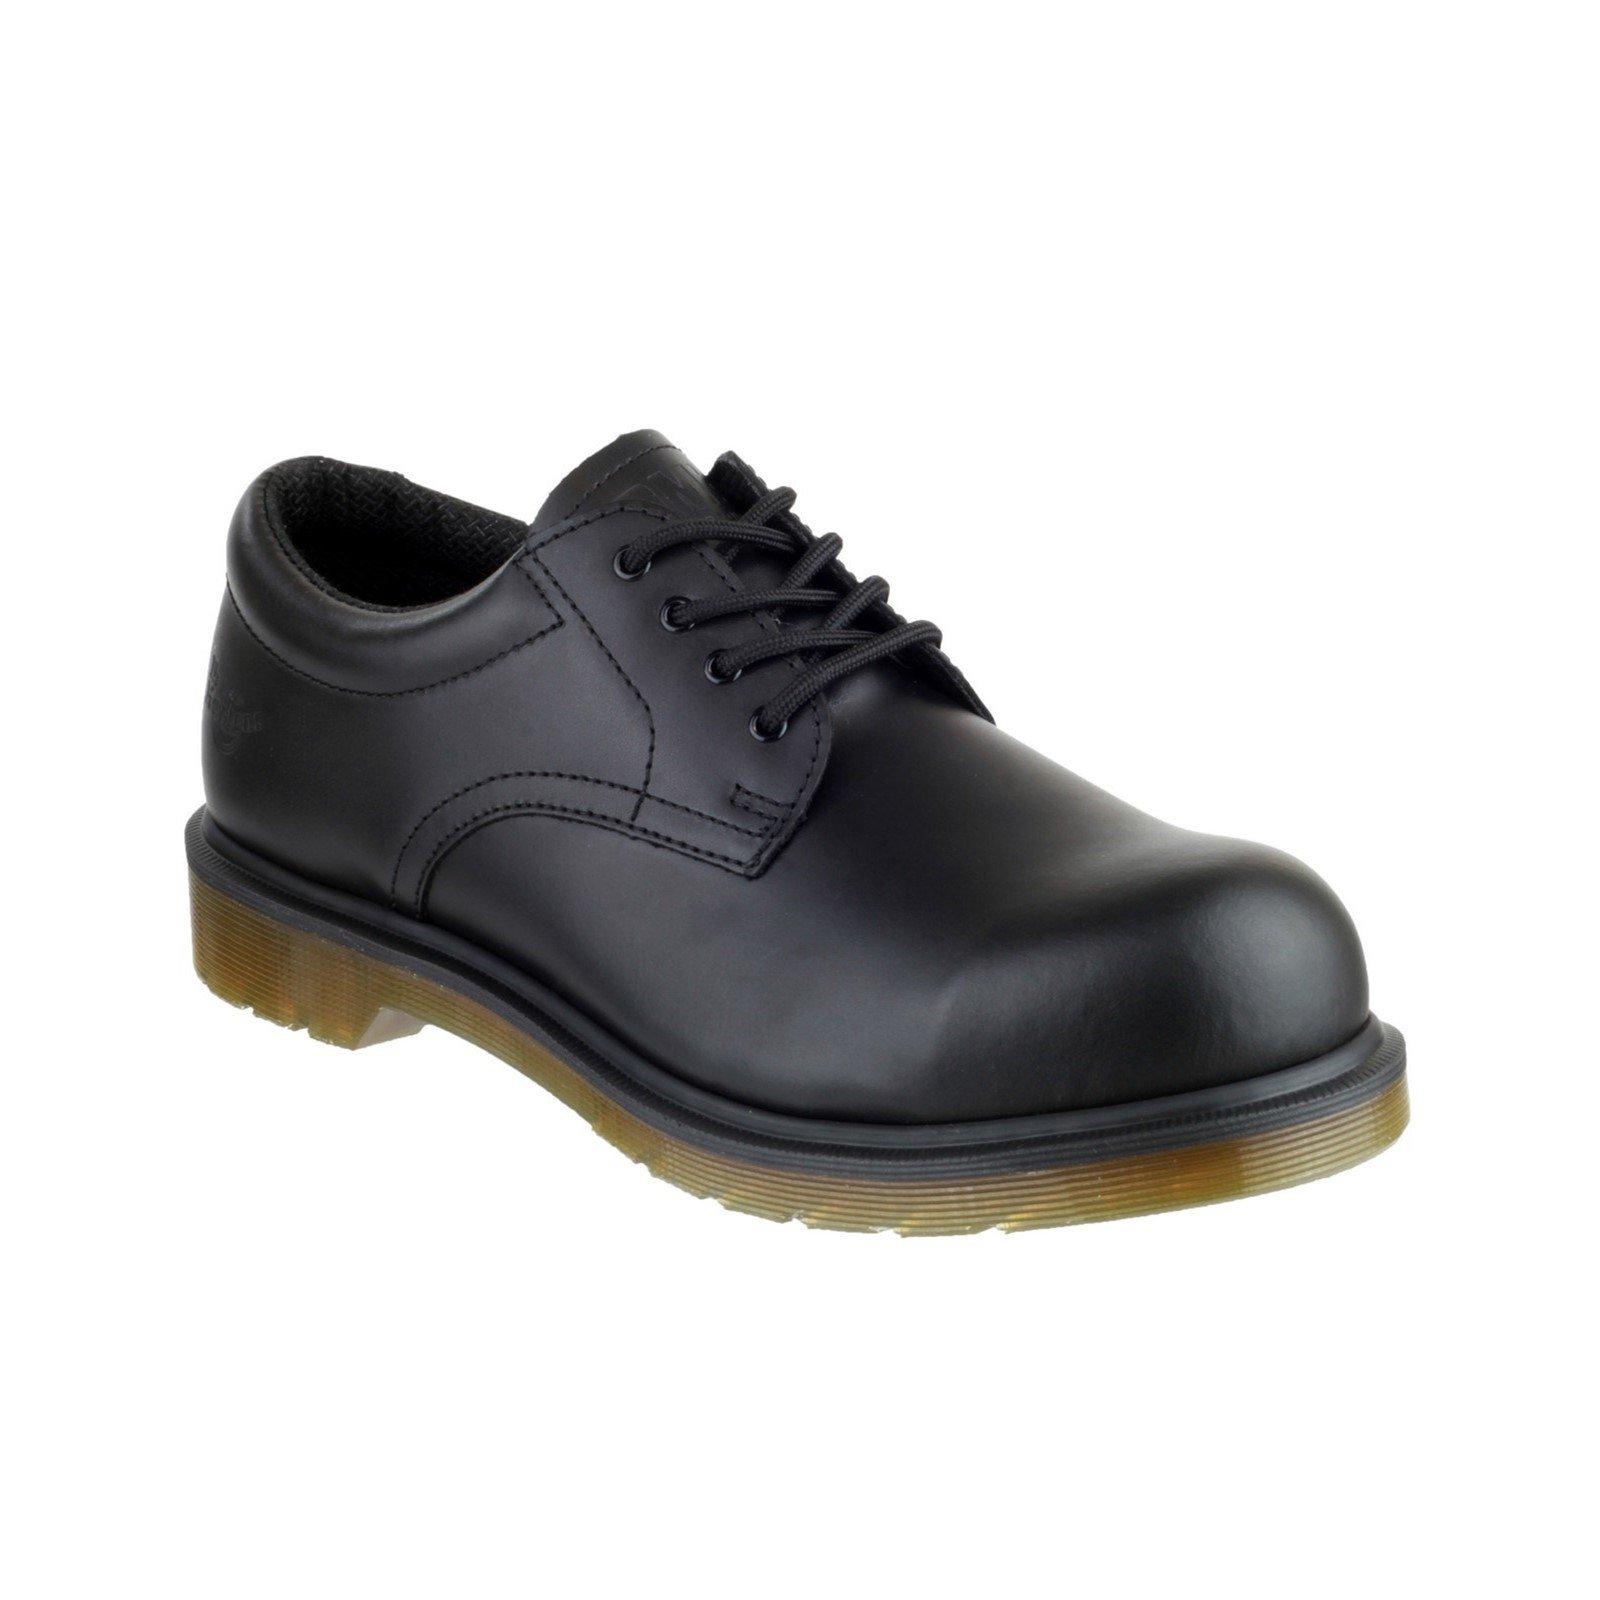 Dr Martens Unisex Icon Lace up Derby Shoe Black 00588 - Black 11